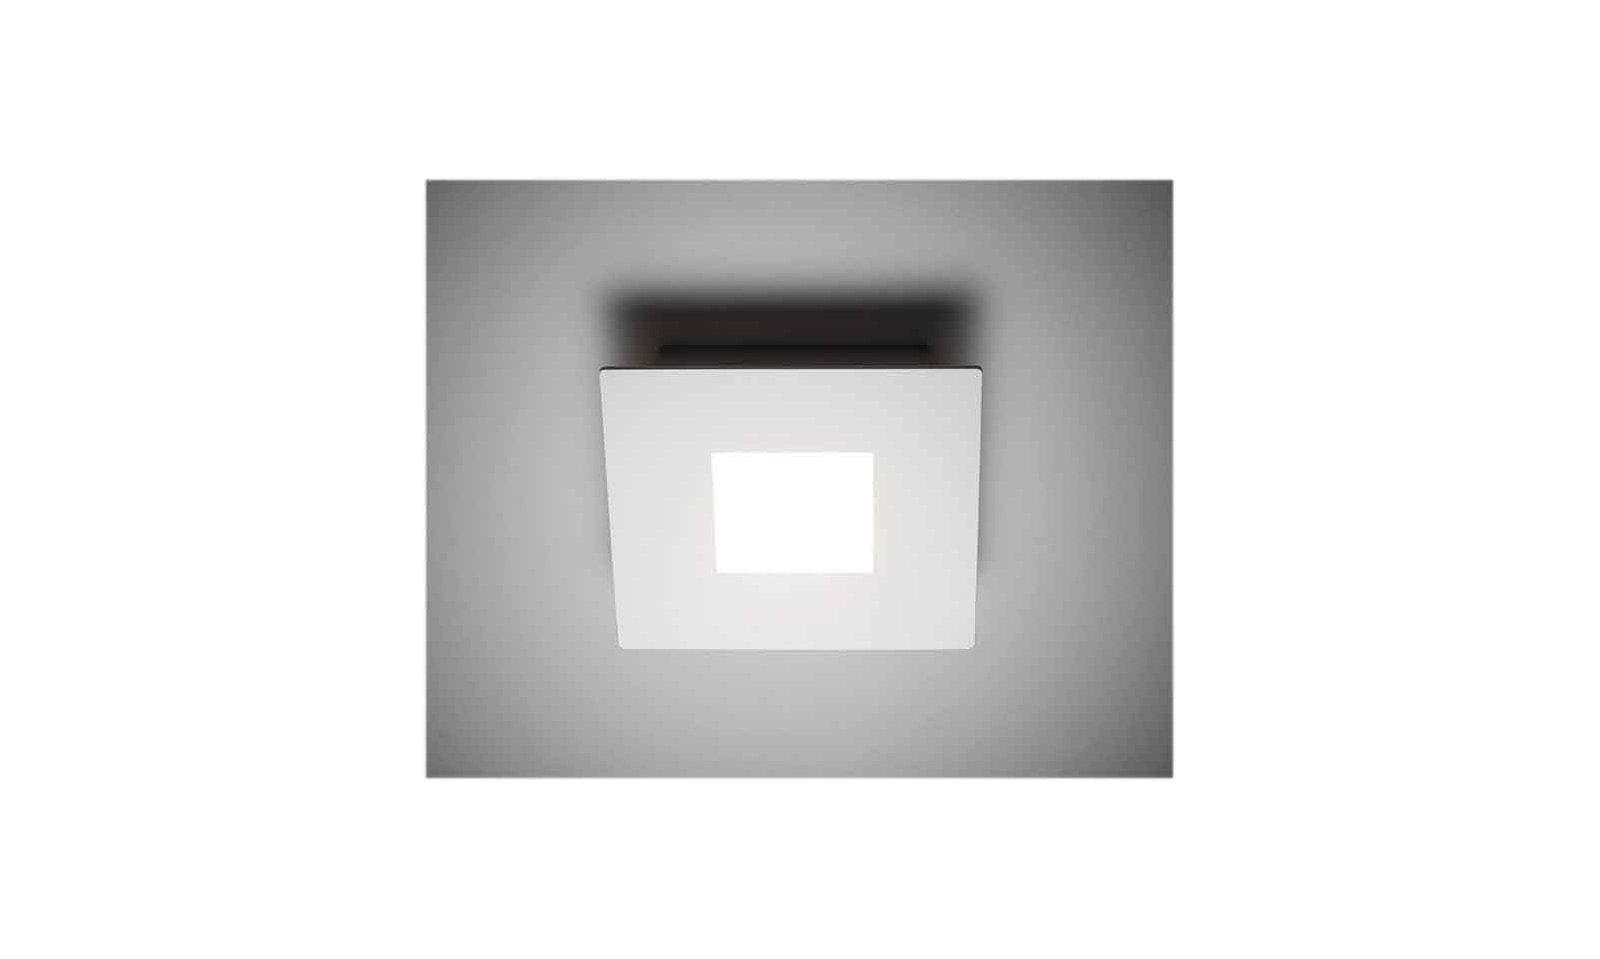 Plafoniere Con Led Integrato : Vivida squares plafoniera led di design moderno in metallo ed acrilico